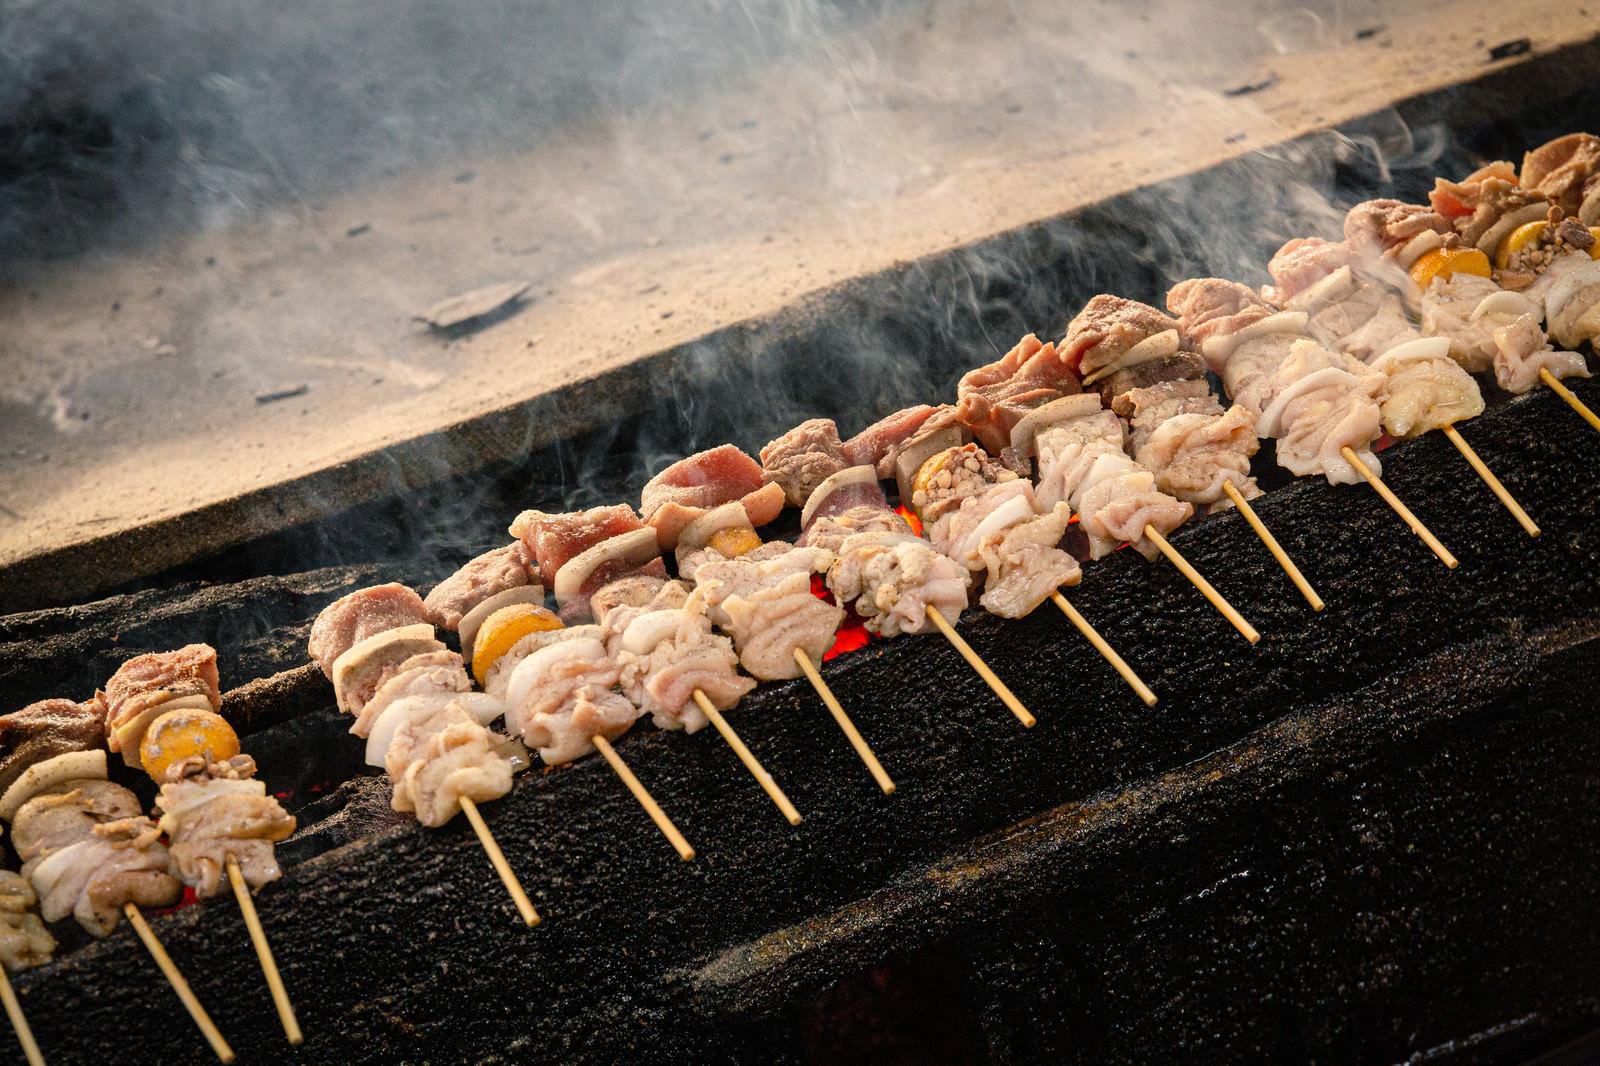 「鶏の様々な部位を食べられる美唄焼き鳥」の写真